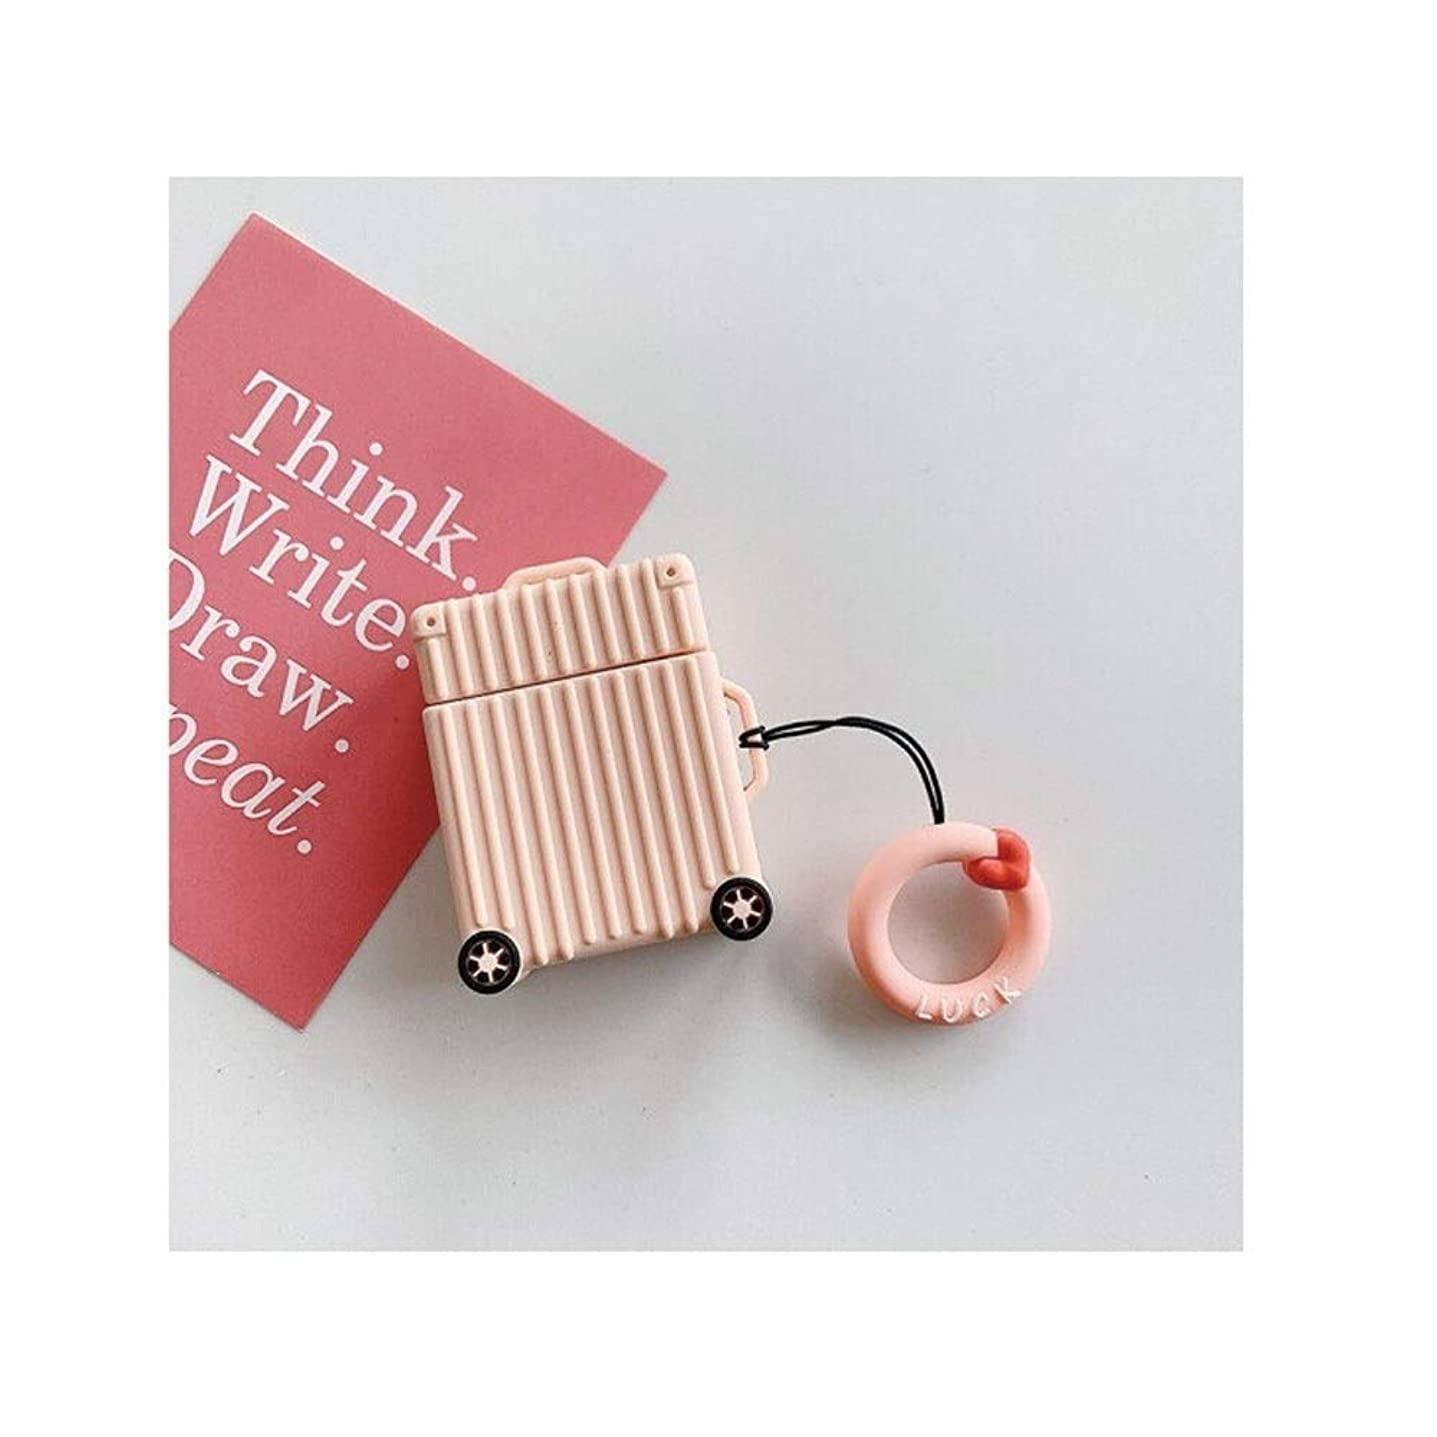 軍団配当器具YVCHEN ヘッドフォンカバー、AirPods1 / 2世代のシリコンケース、耐久性、贈り物になりやすい、小さなスーツケースのデザイン、絶妙な雰囲気(黒/緑/ピンク/紫/赤/黄) (Color : Pink)